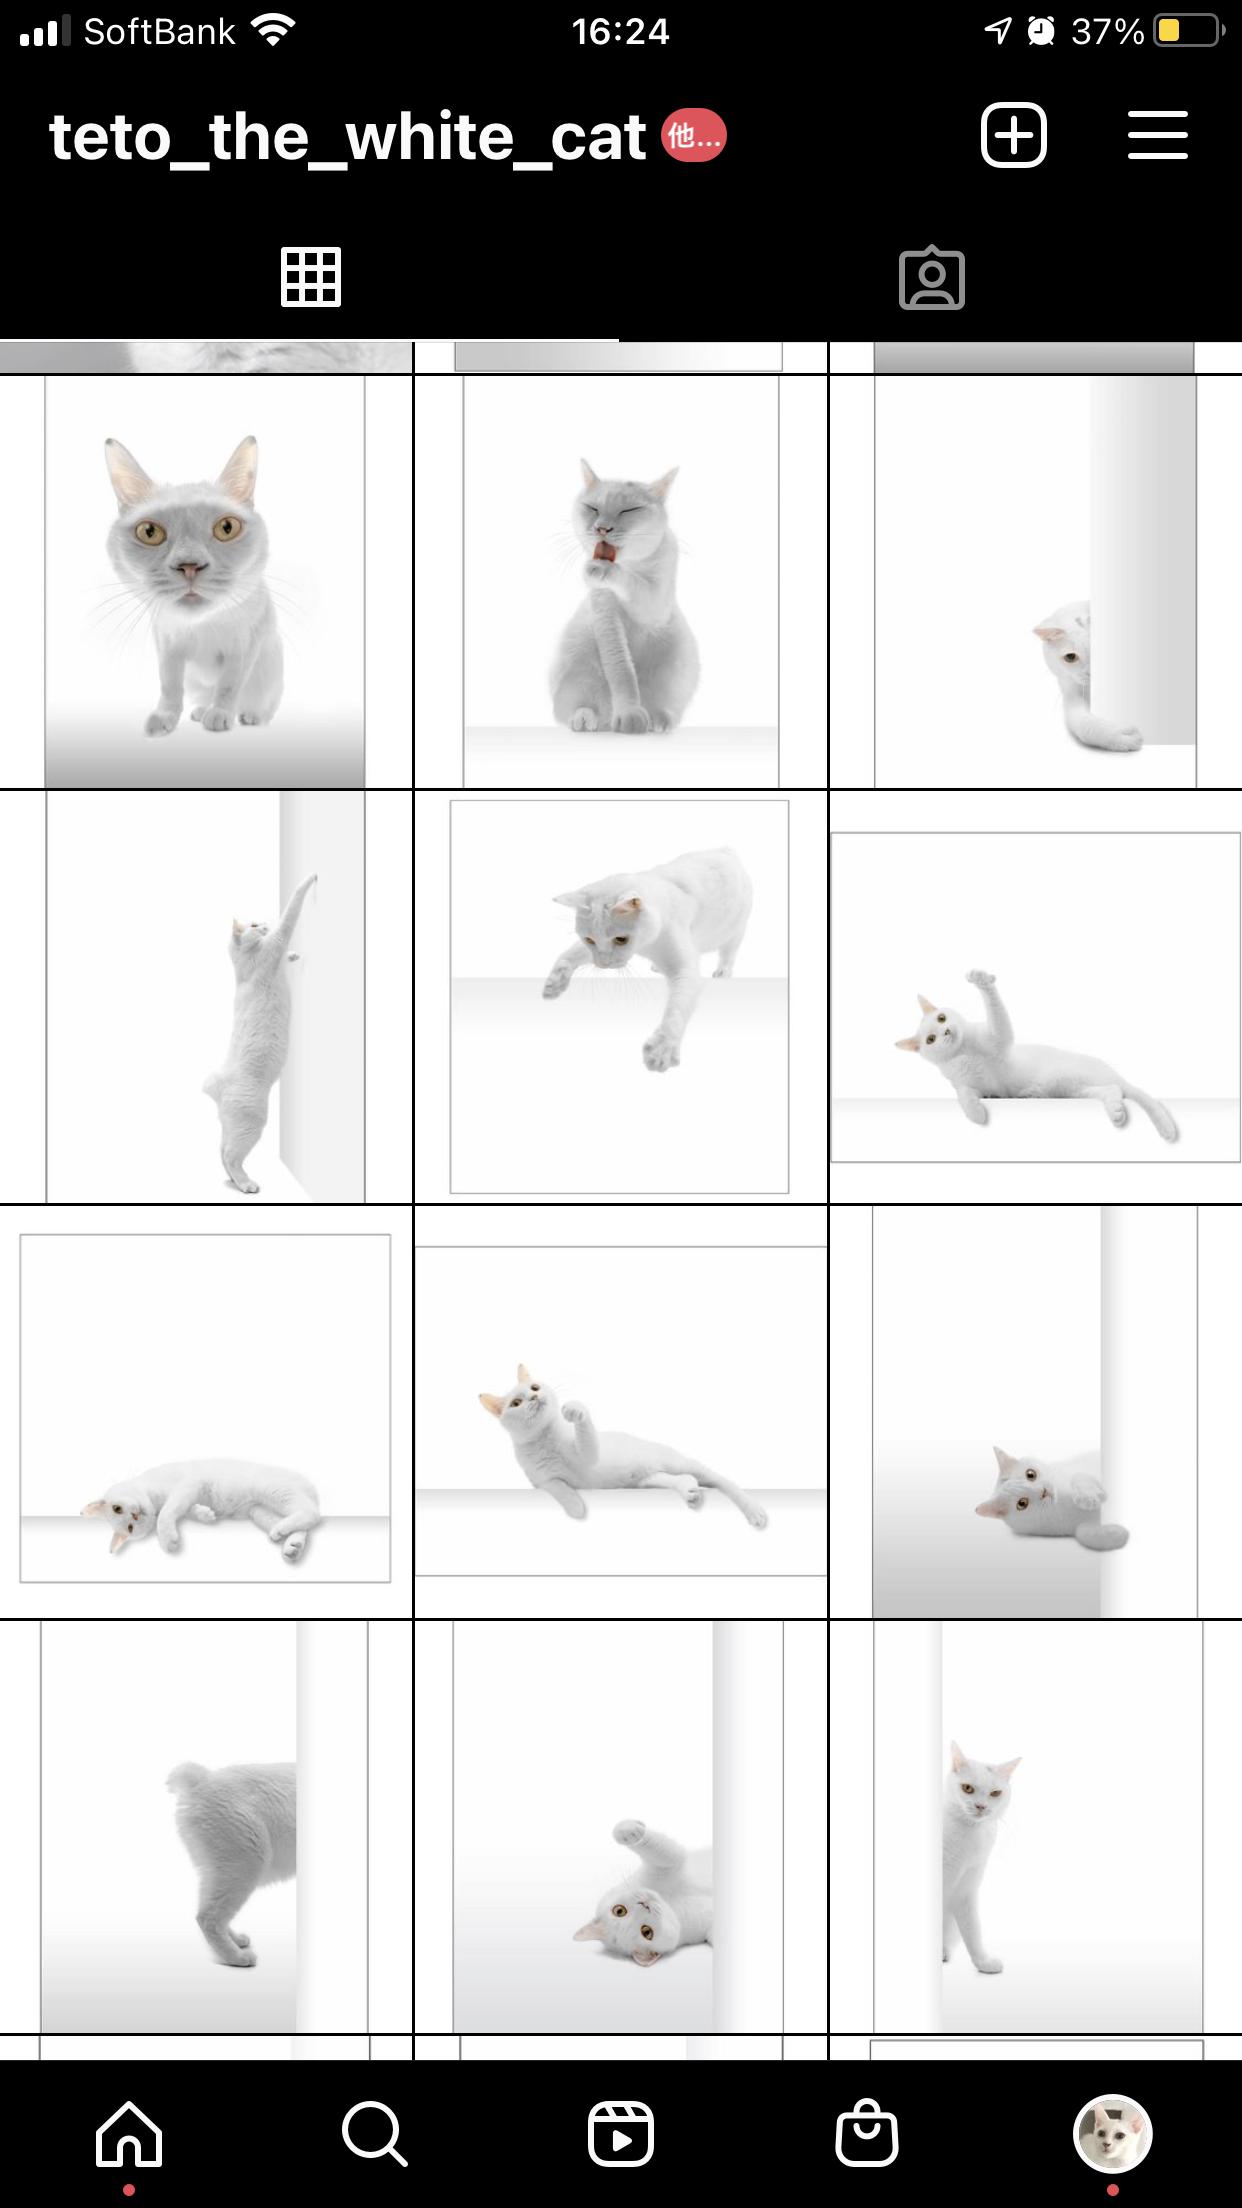 @teto_the_white_cat